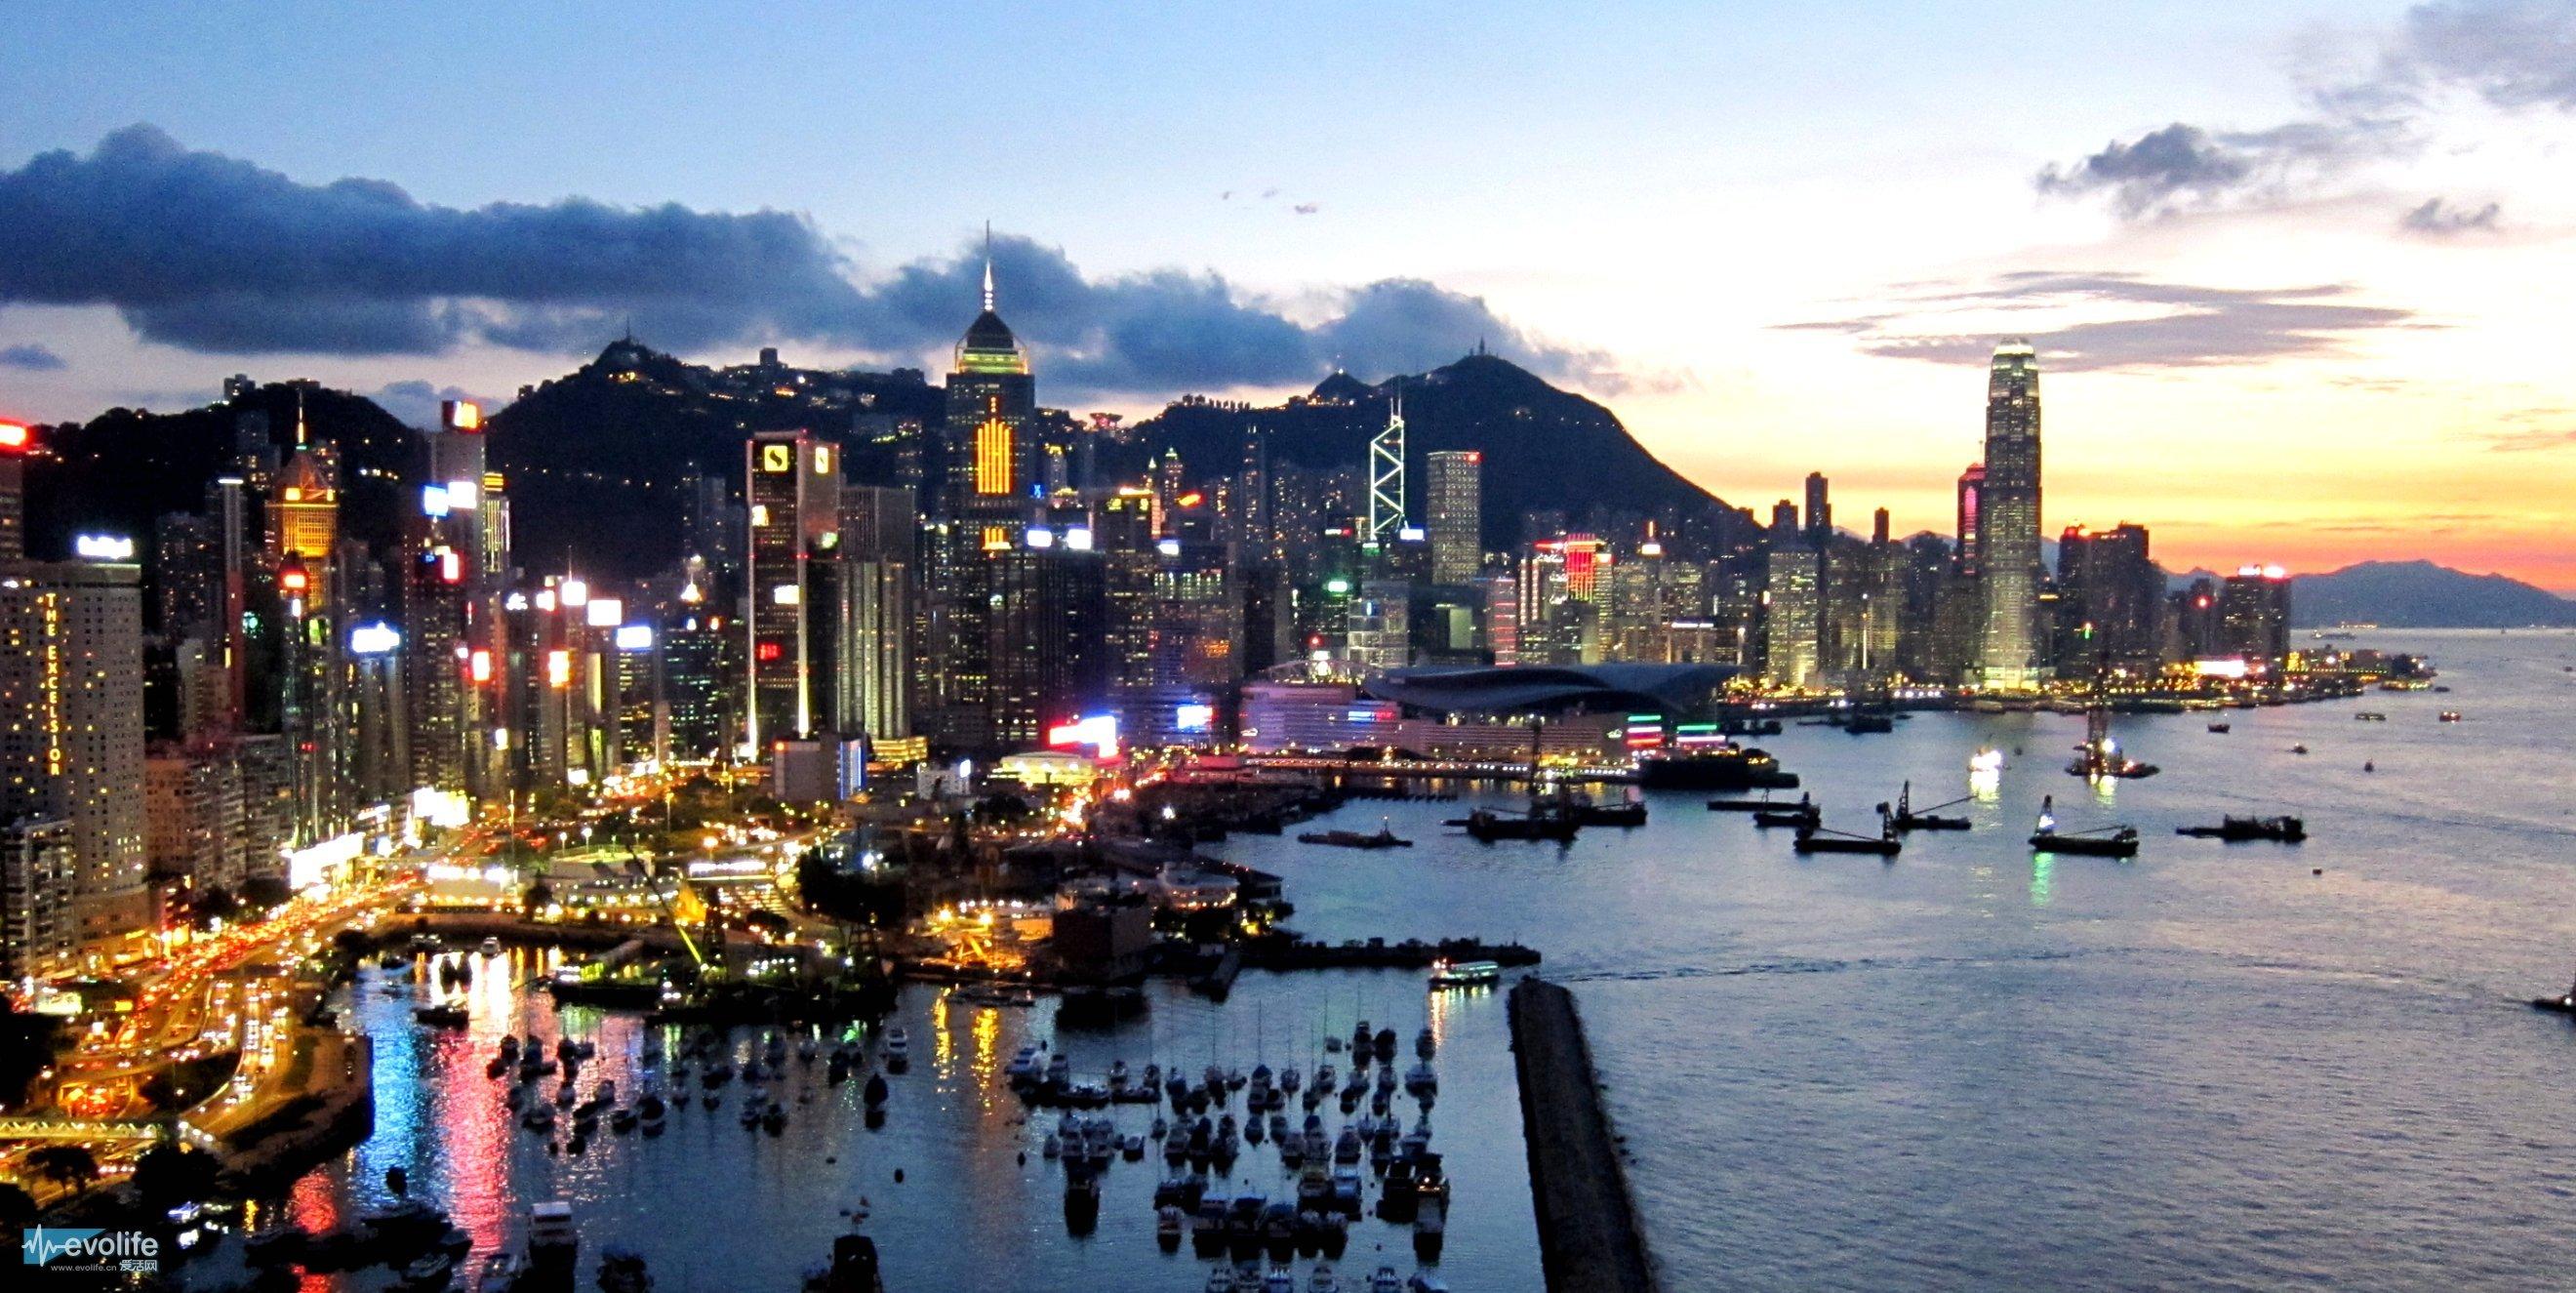 上海又要开建世界级海洋公园 这是让香港无路可走的节奏?